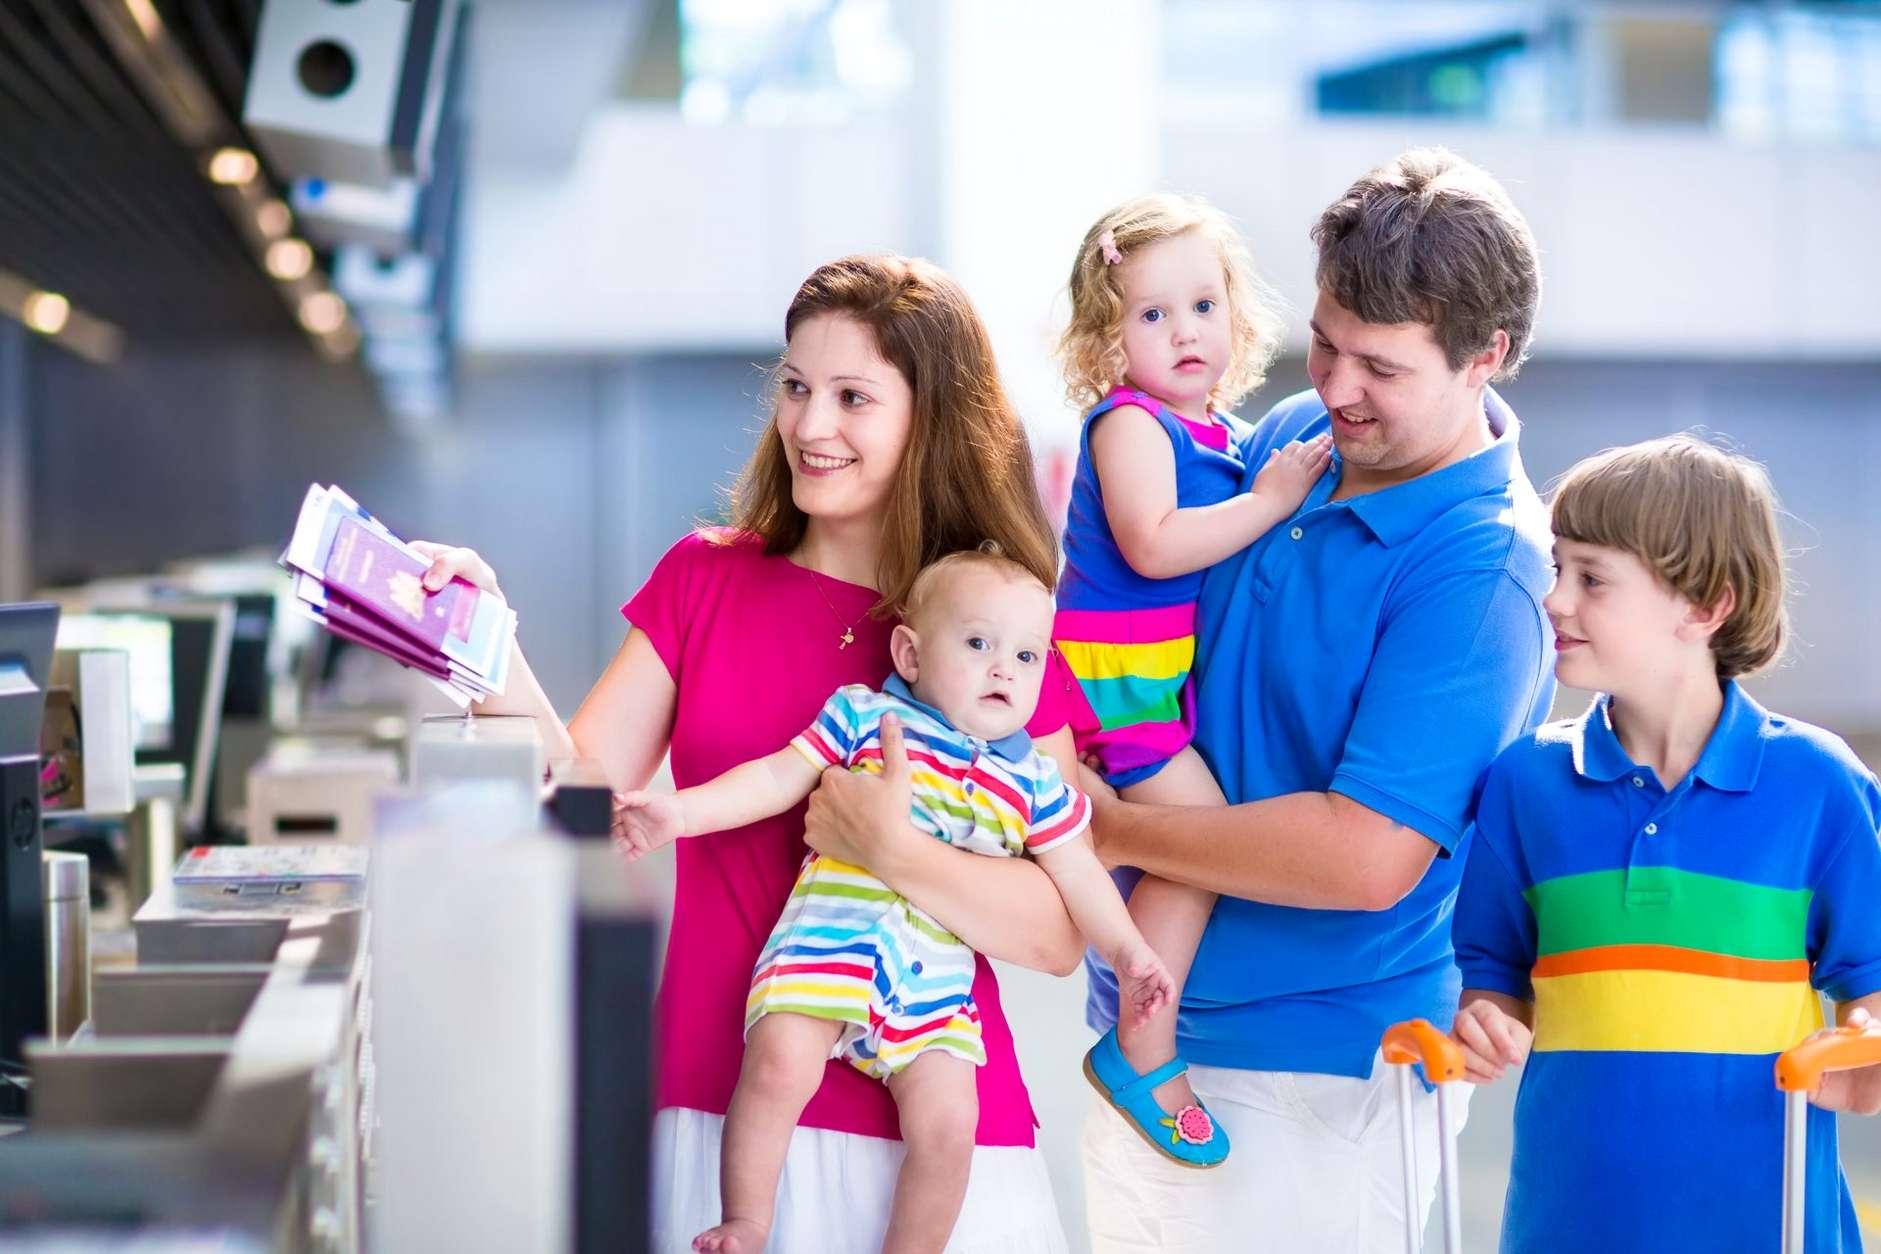 Взрослые с детьми в аэропорту